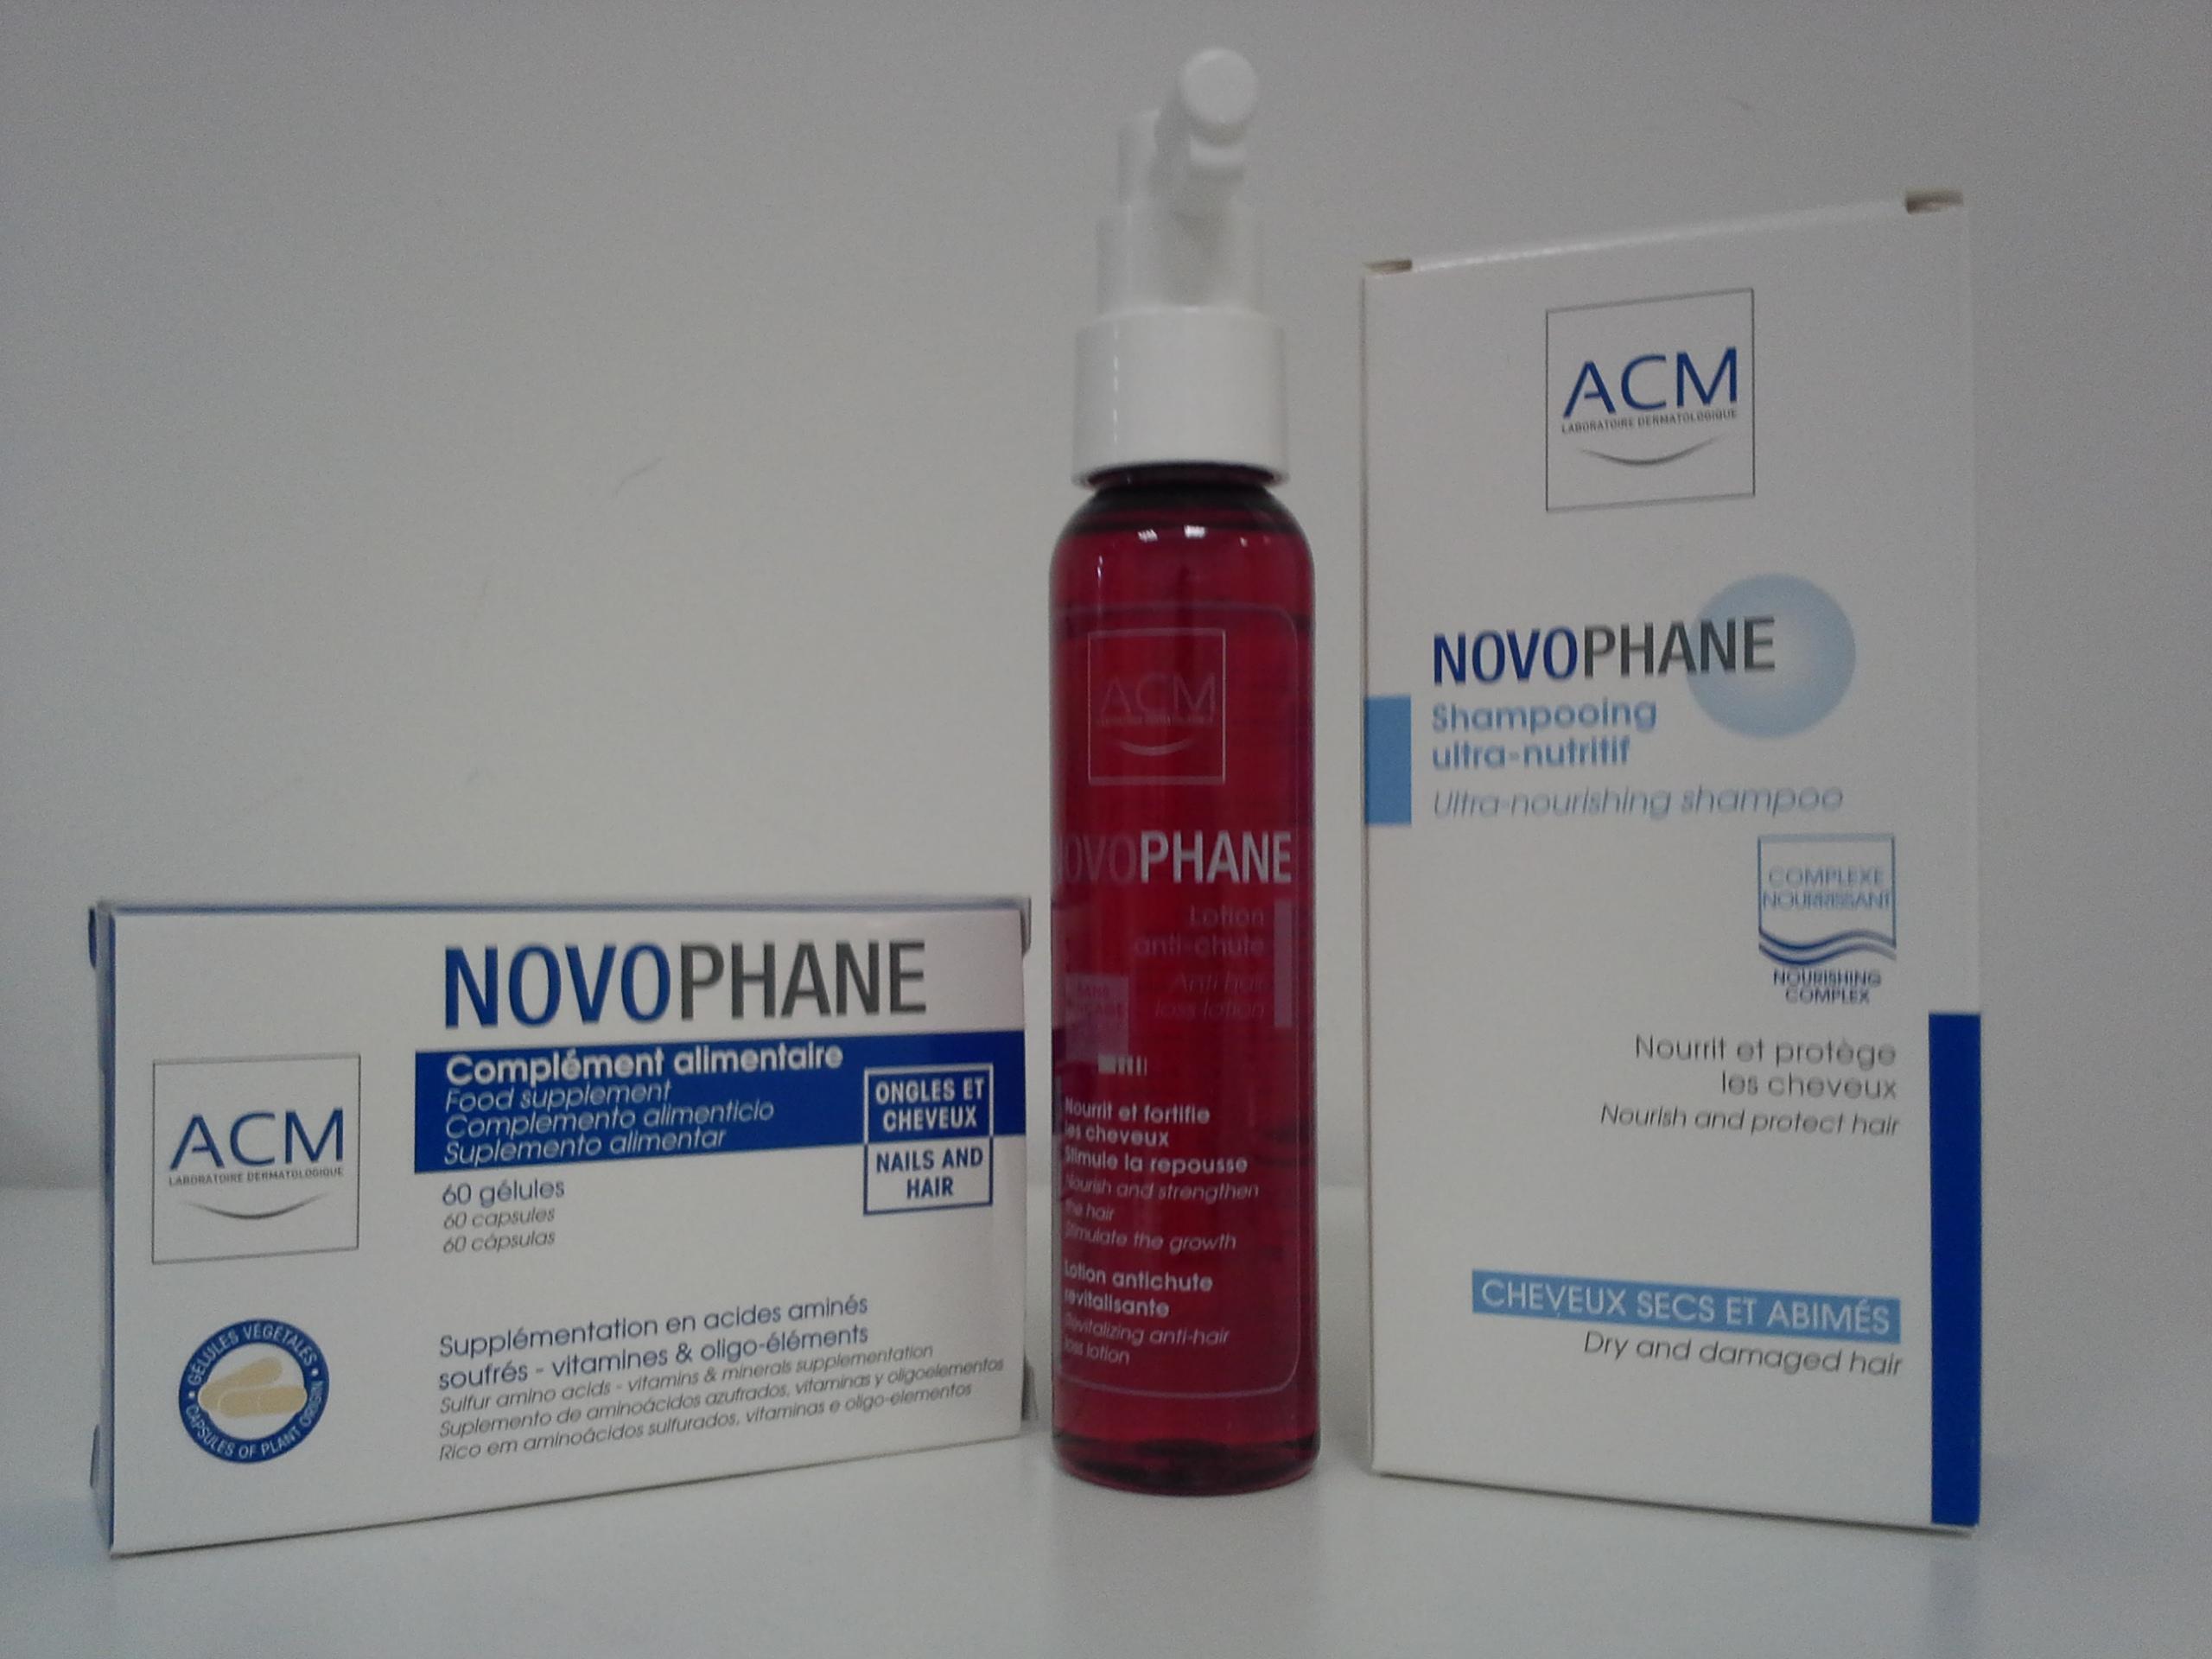 papillomavírus illóolaj-kezelés hpv vírus condyloma